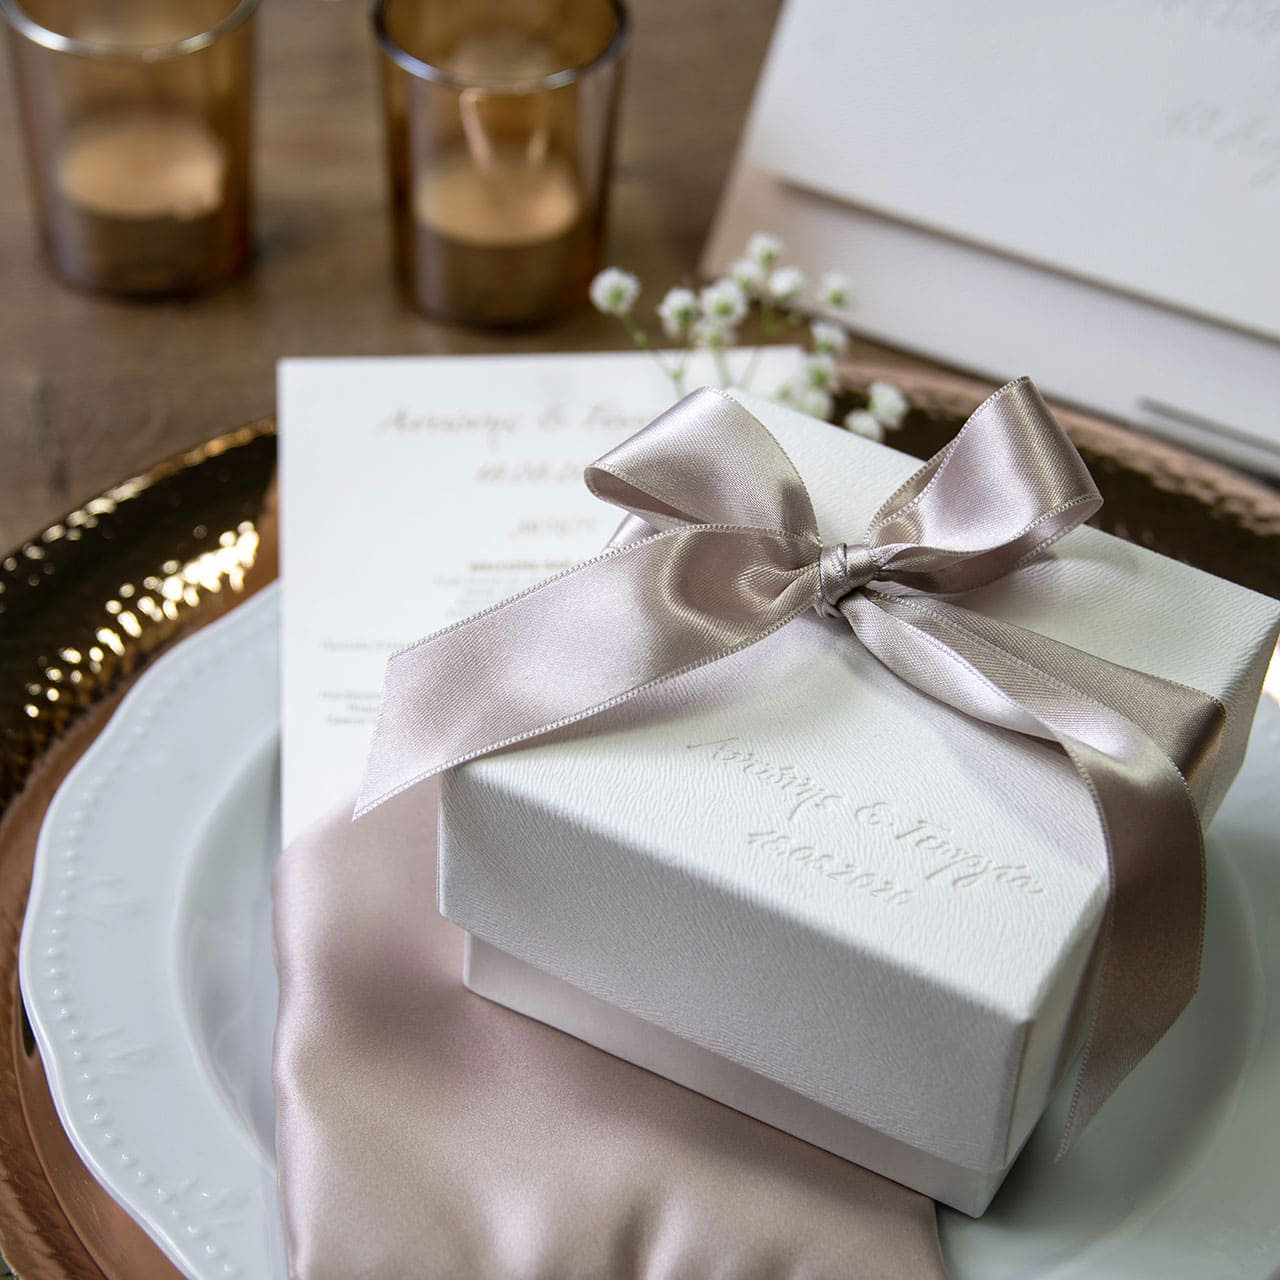 Κουτί μπομπονιέρα γάμου σε λευκό δέρμα με εκτύπωση βαθυτυπίας και σατέν κορδέλα στο χρώμα της άμμου